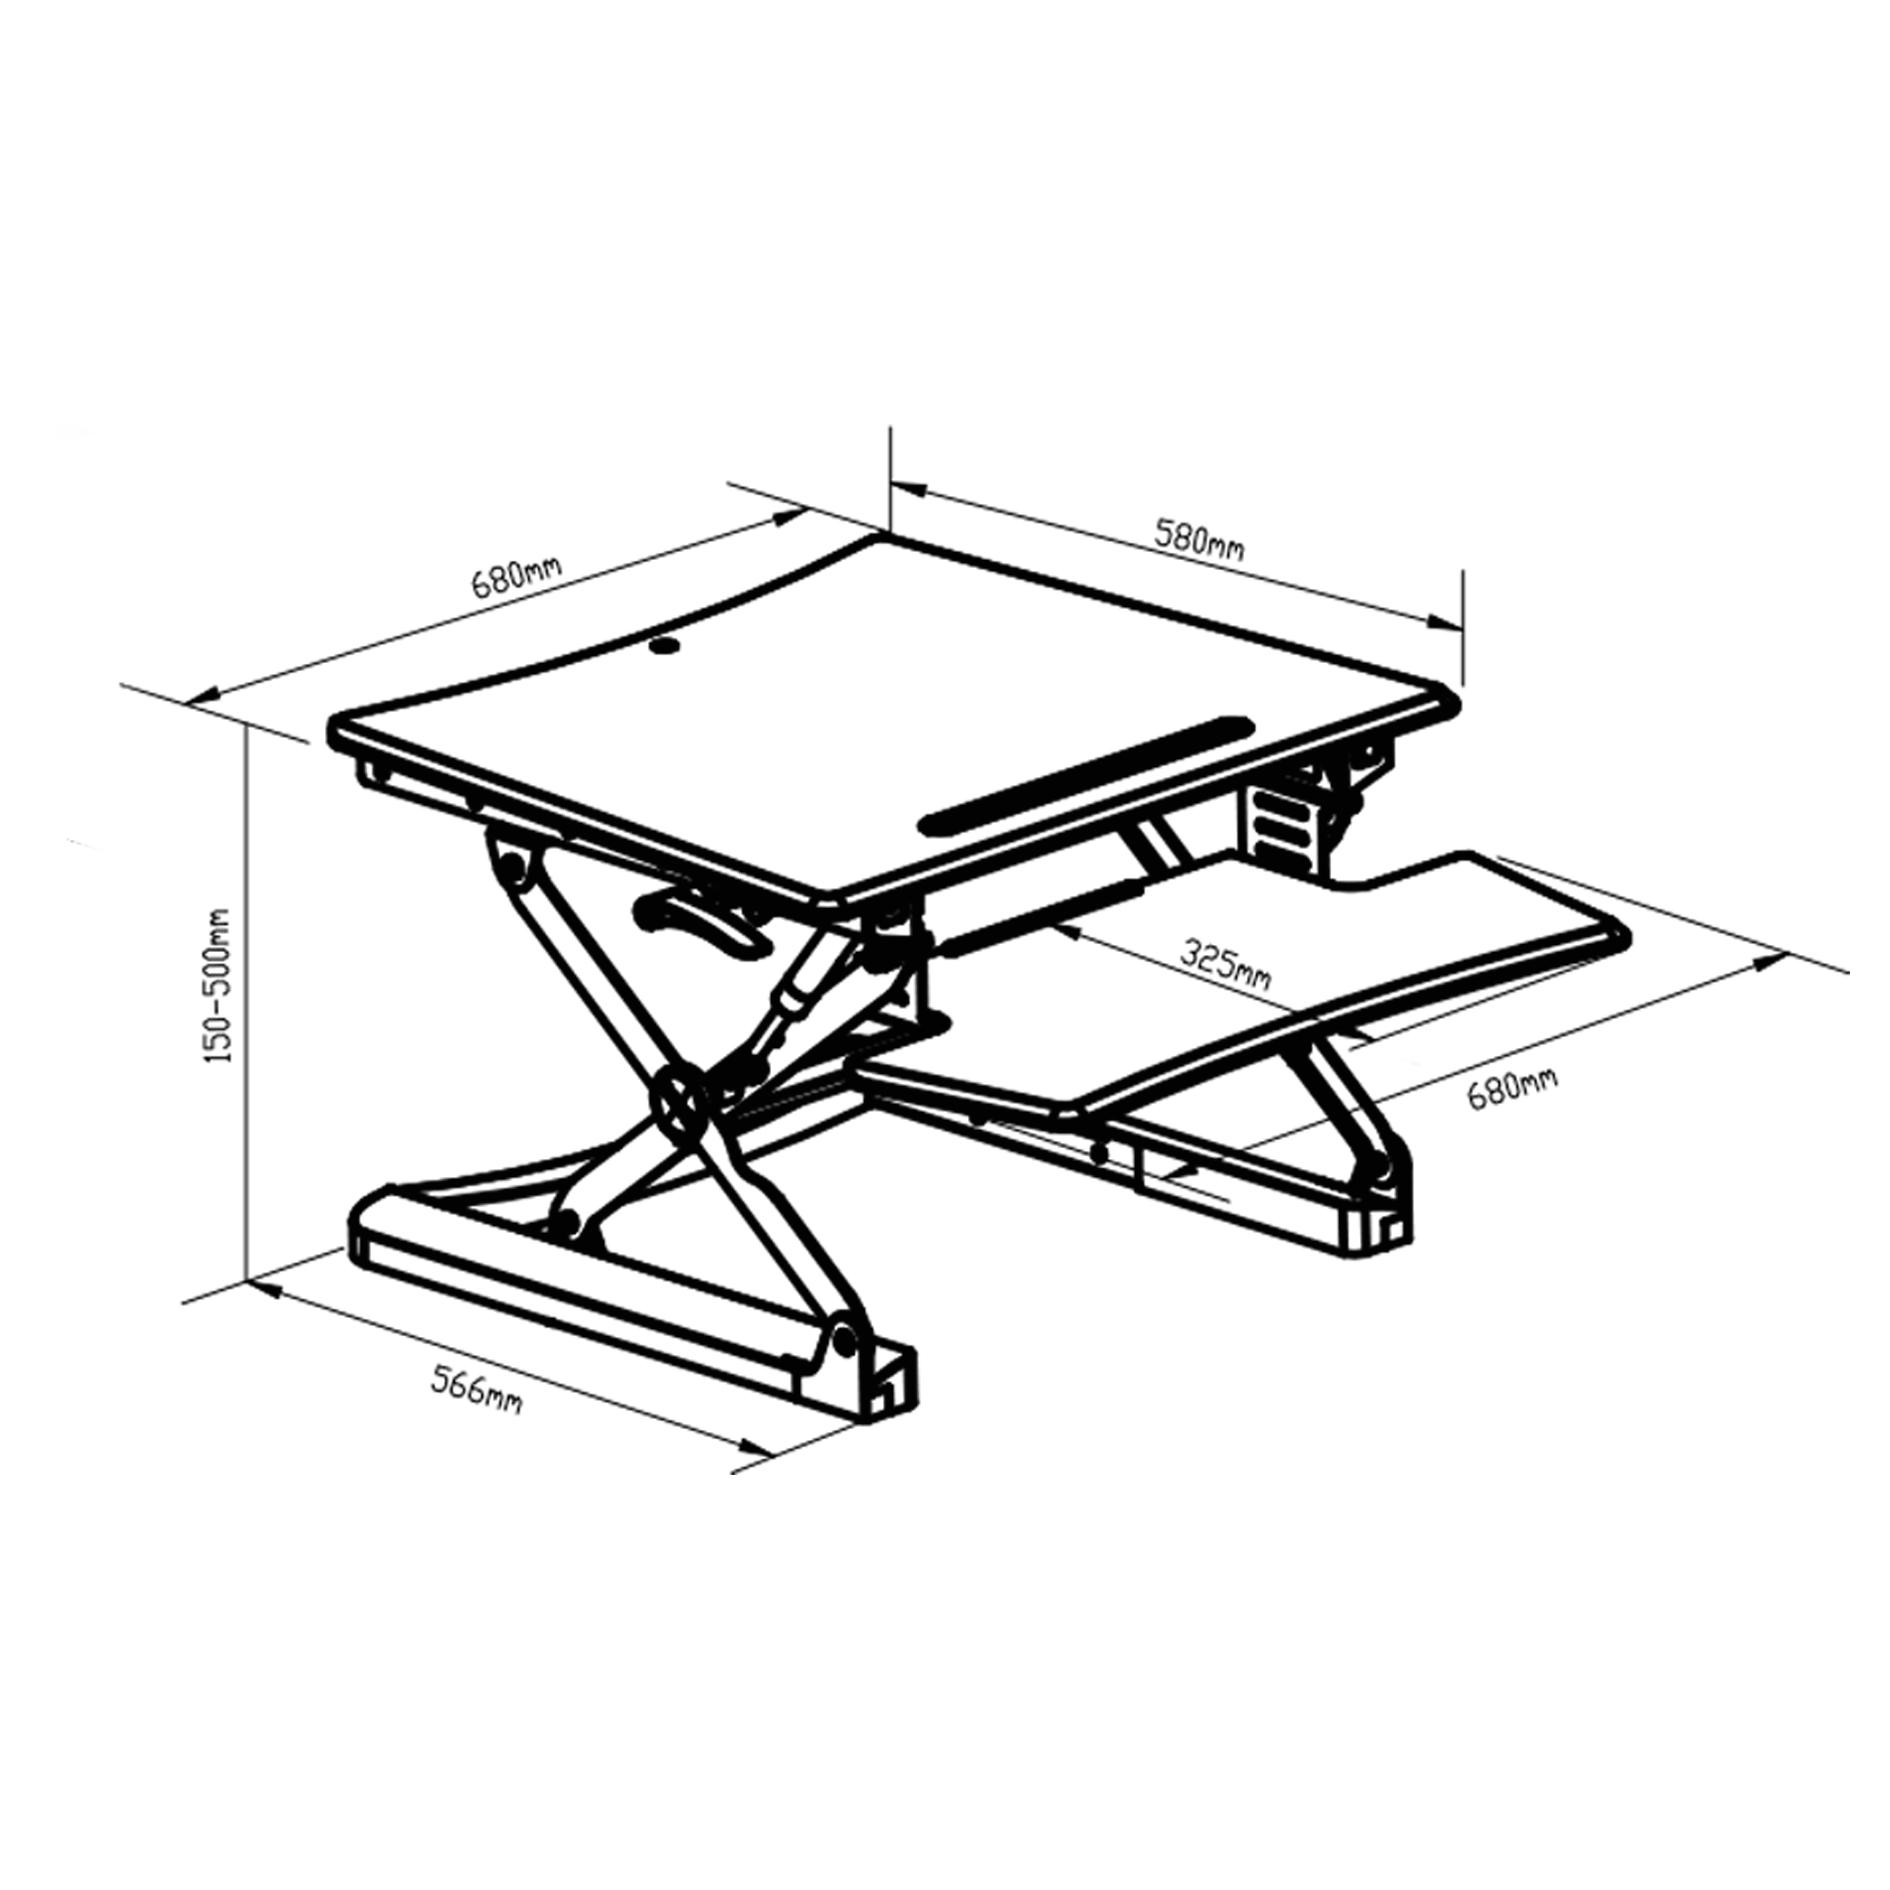 Sit-Stand-Desktop-Riser-Dimensions-Diagram